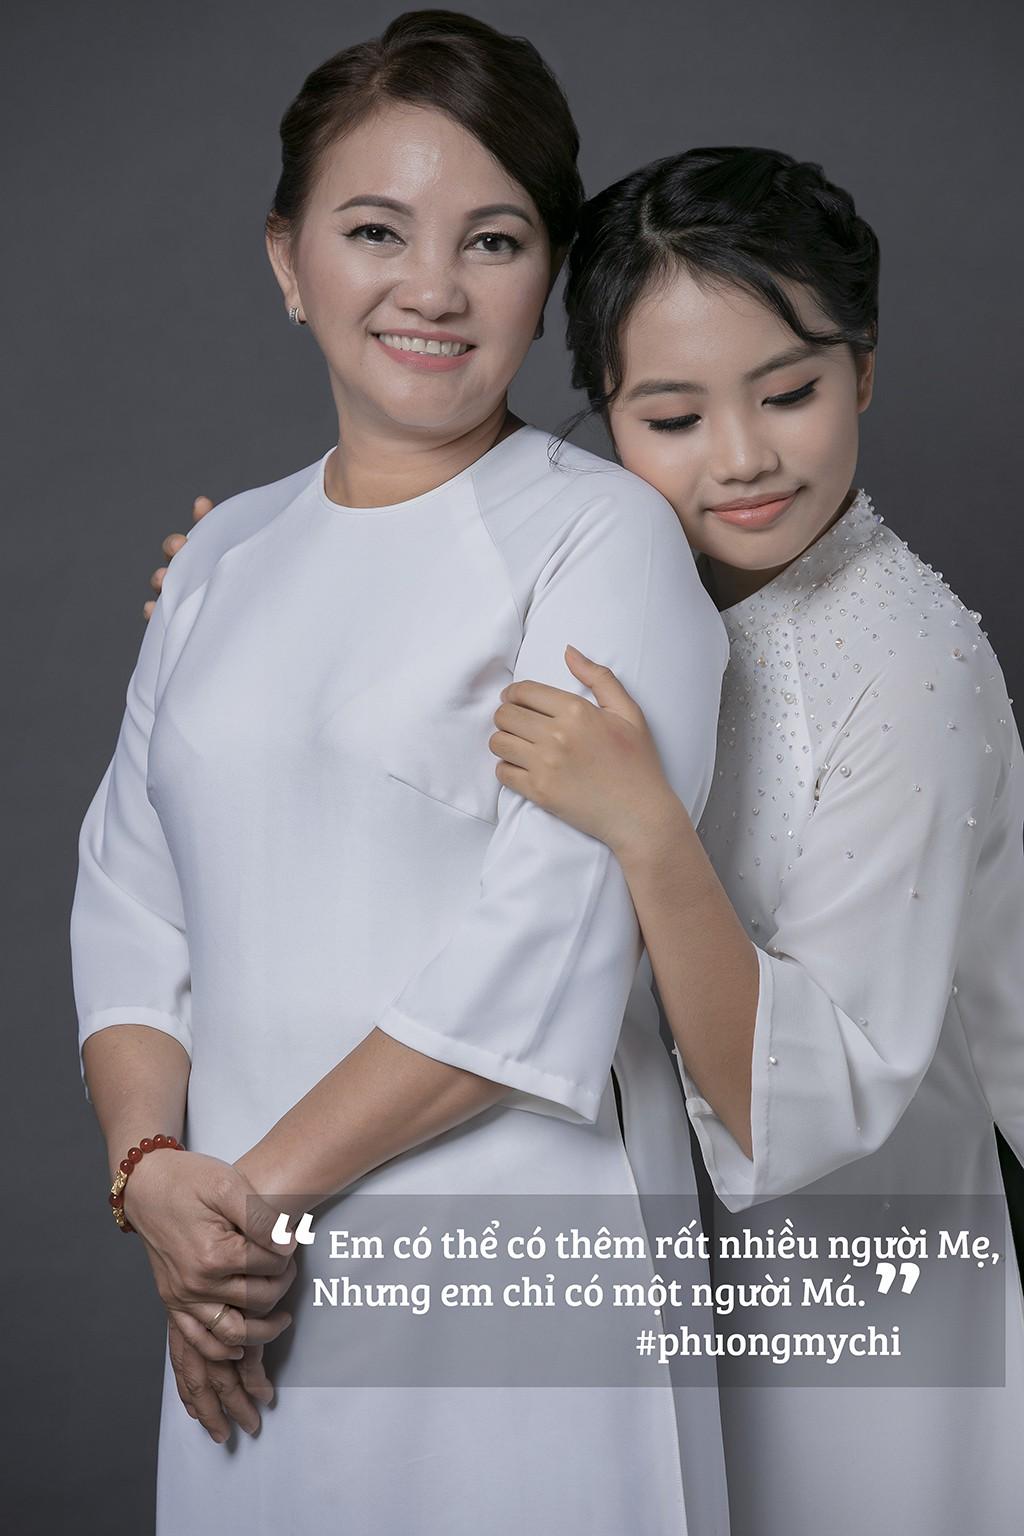 Phương Mỹ Chi tung bộ ảnh cùng chia sẻ xúc động về mẹ nhân mùa Vu Lan báo hiếu - Ảnh 5.